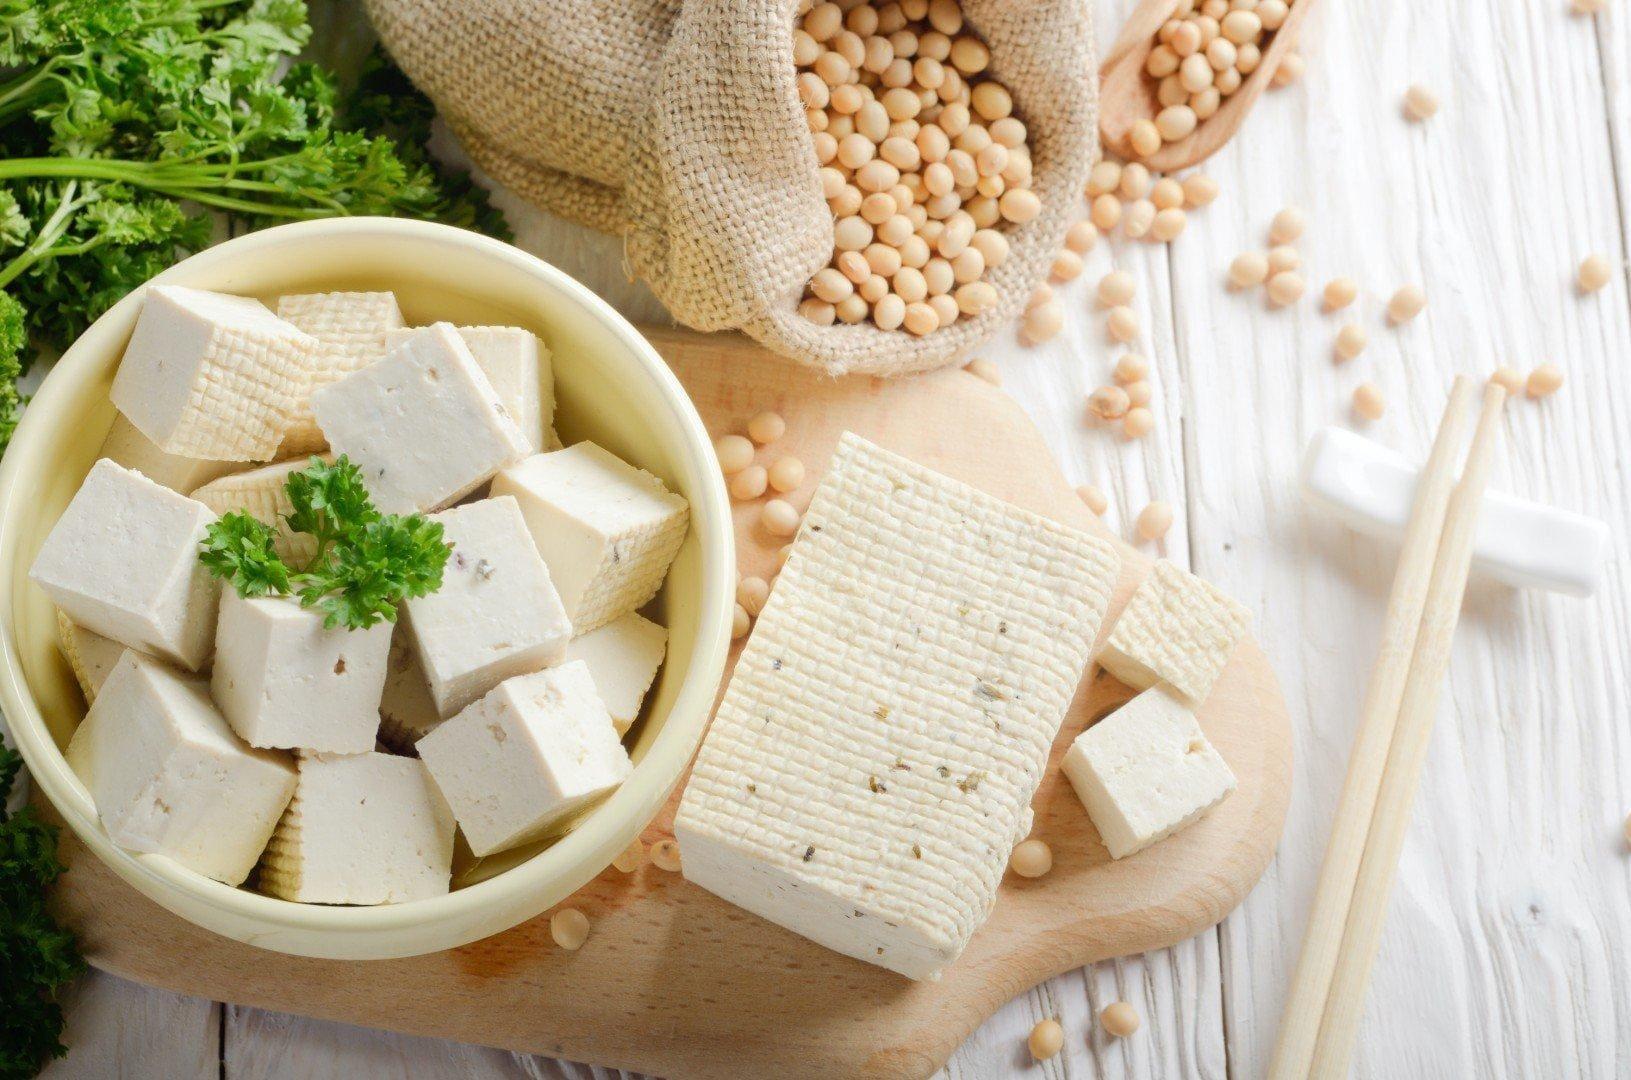 Đậu phụ là món ăn bổ sung canxi phù hợp cho mọi lứa tuổi